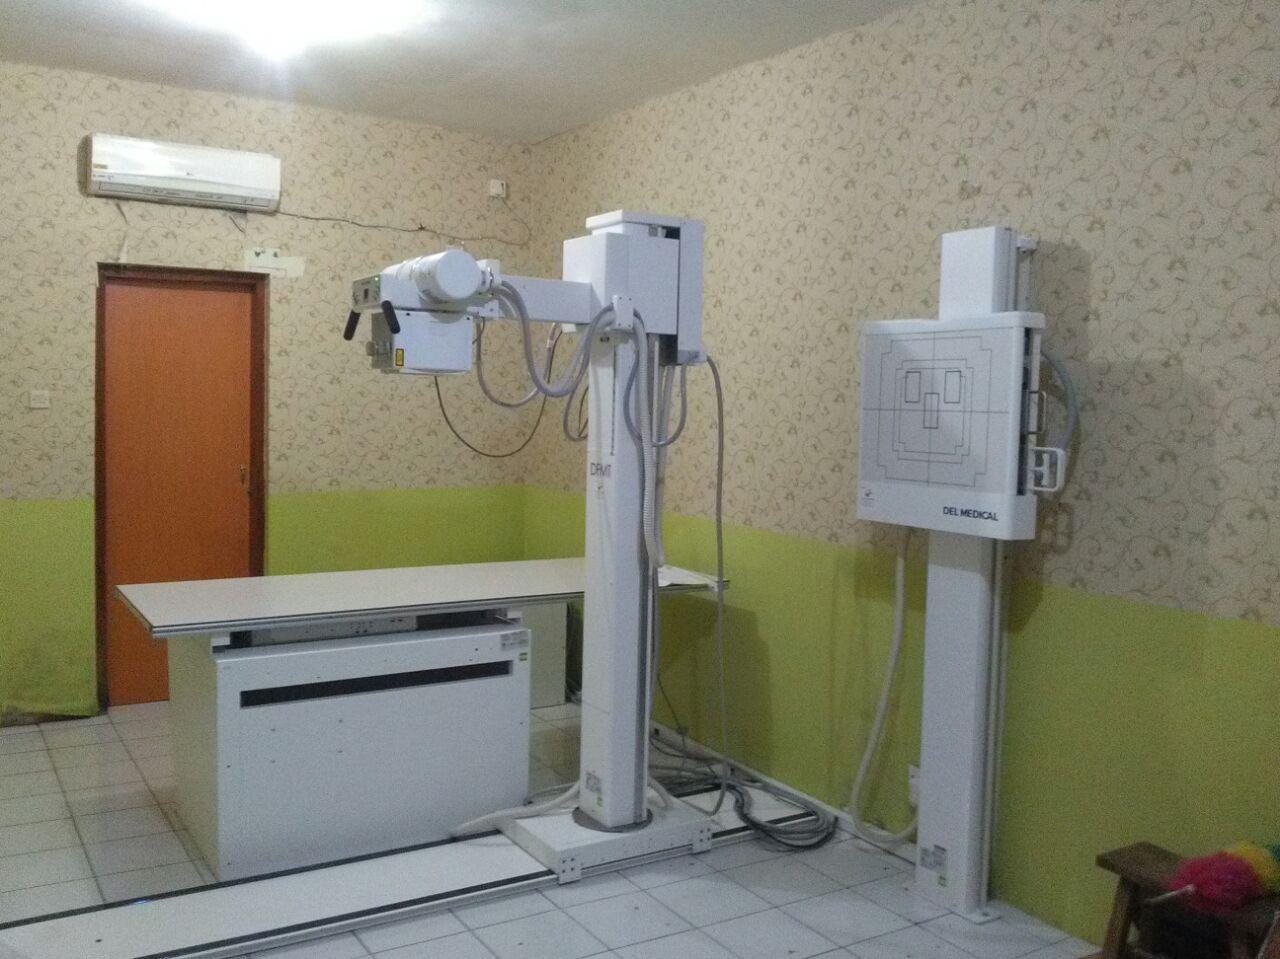 Del Medical (Installasi Radiologi)